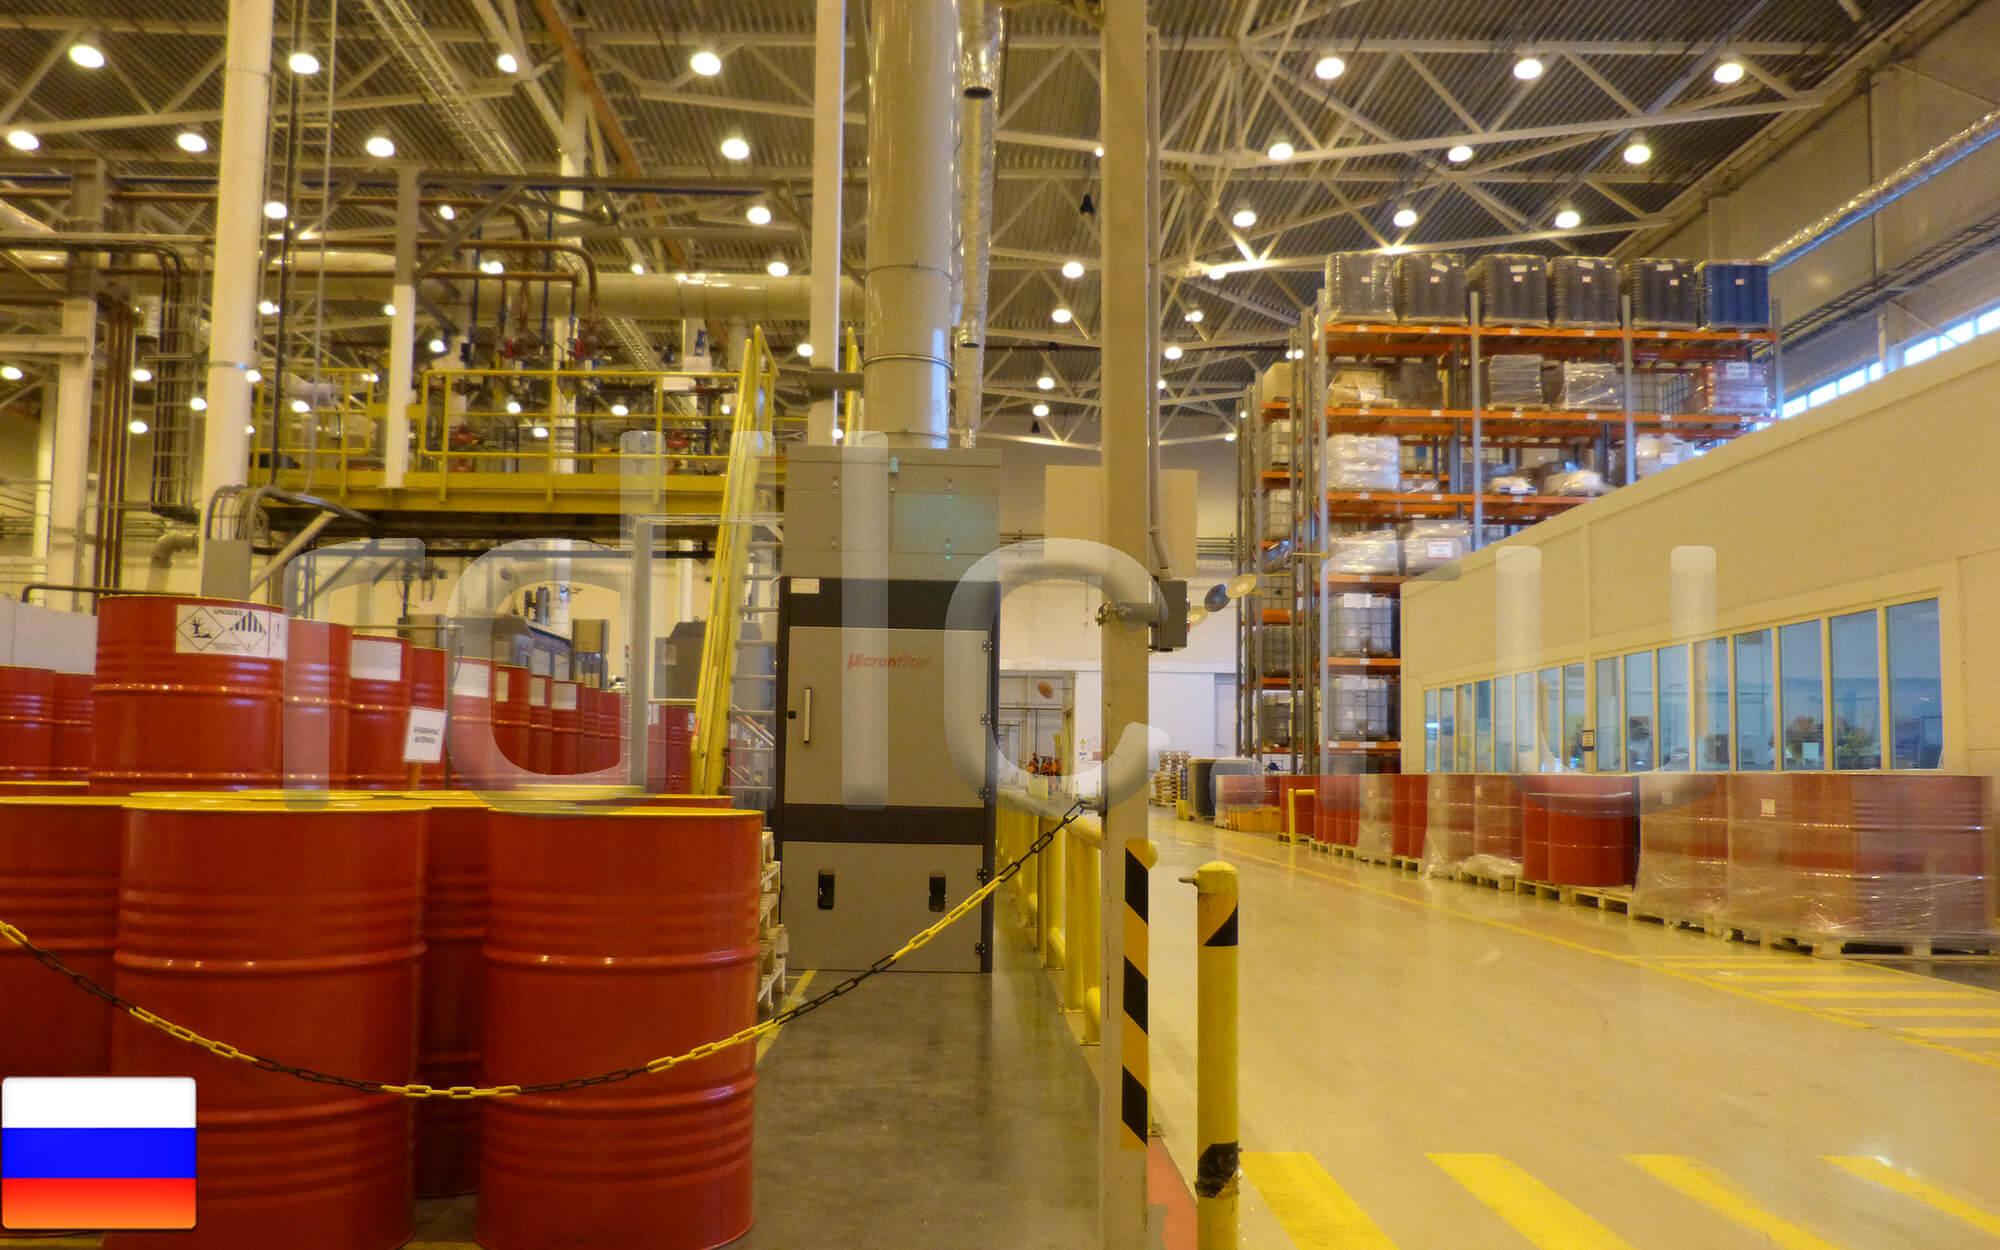 Централизованная система удаления масляного тумана в цехе розлива готовых масел (установка фильтрации масляного тумана Ecotech 6000 с абсолютным фильтром окончательной очистки HEPA H13)